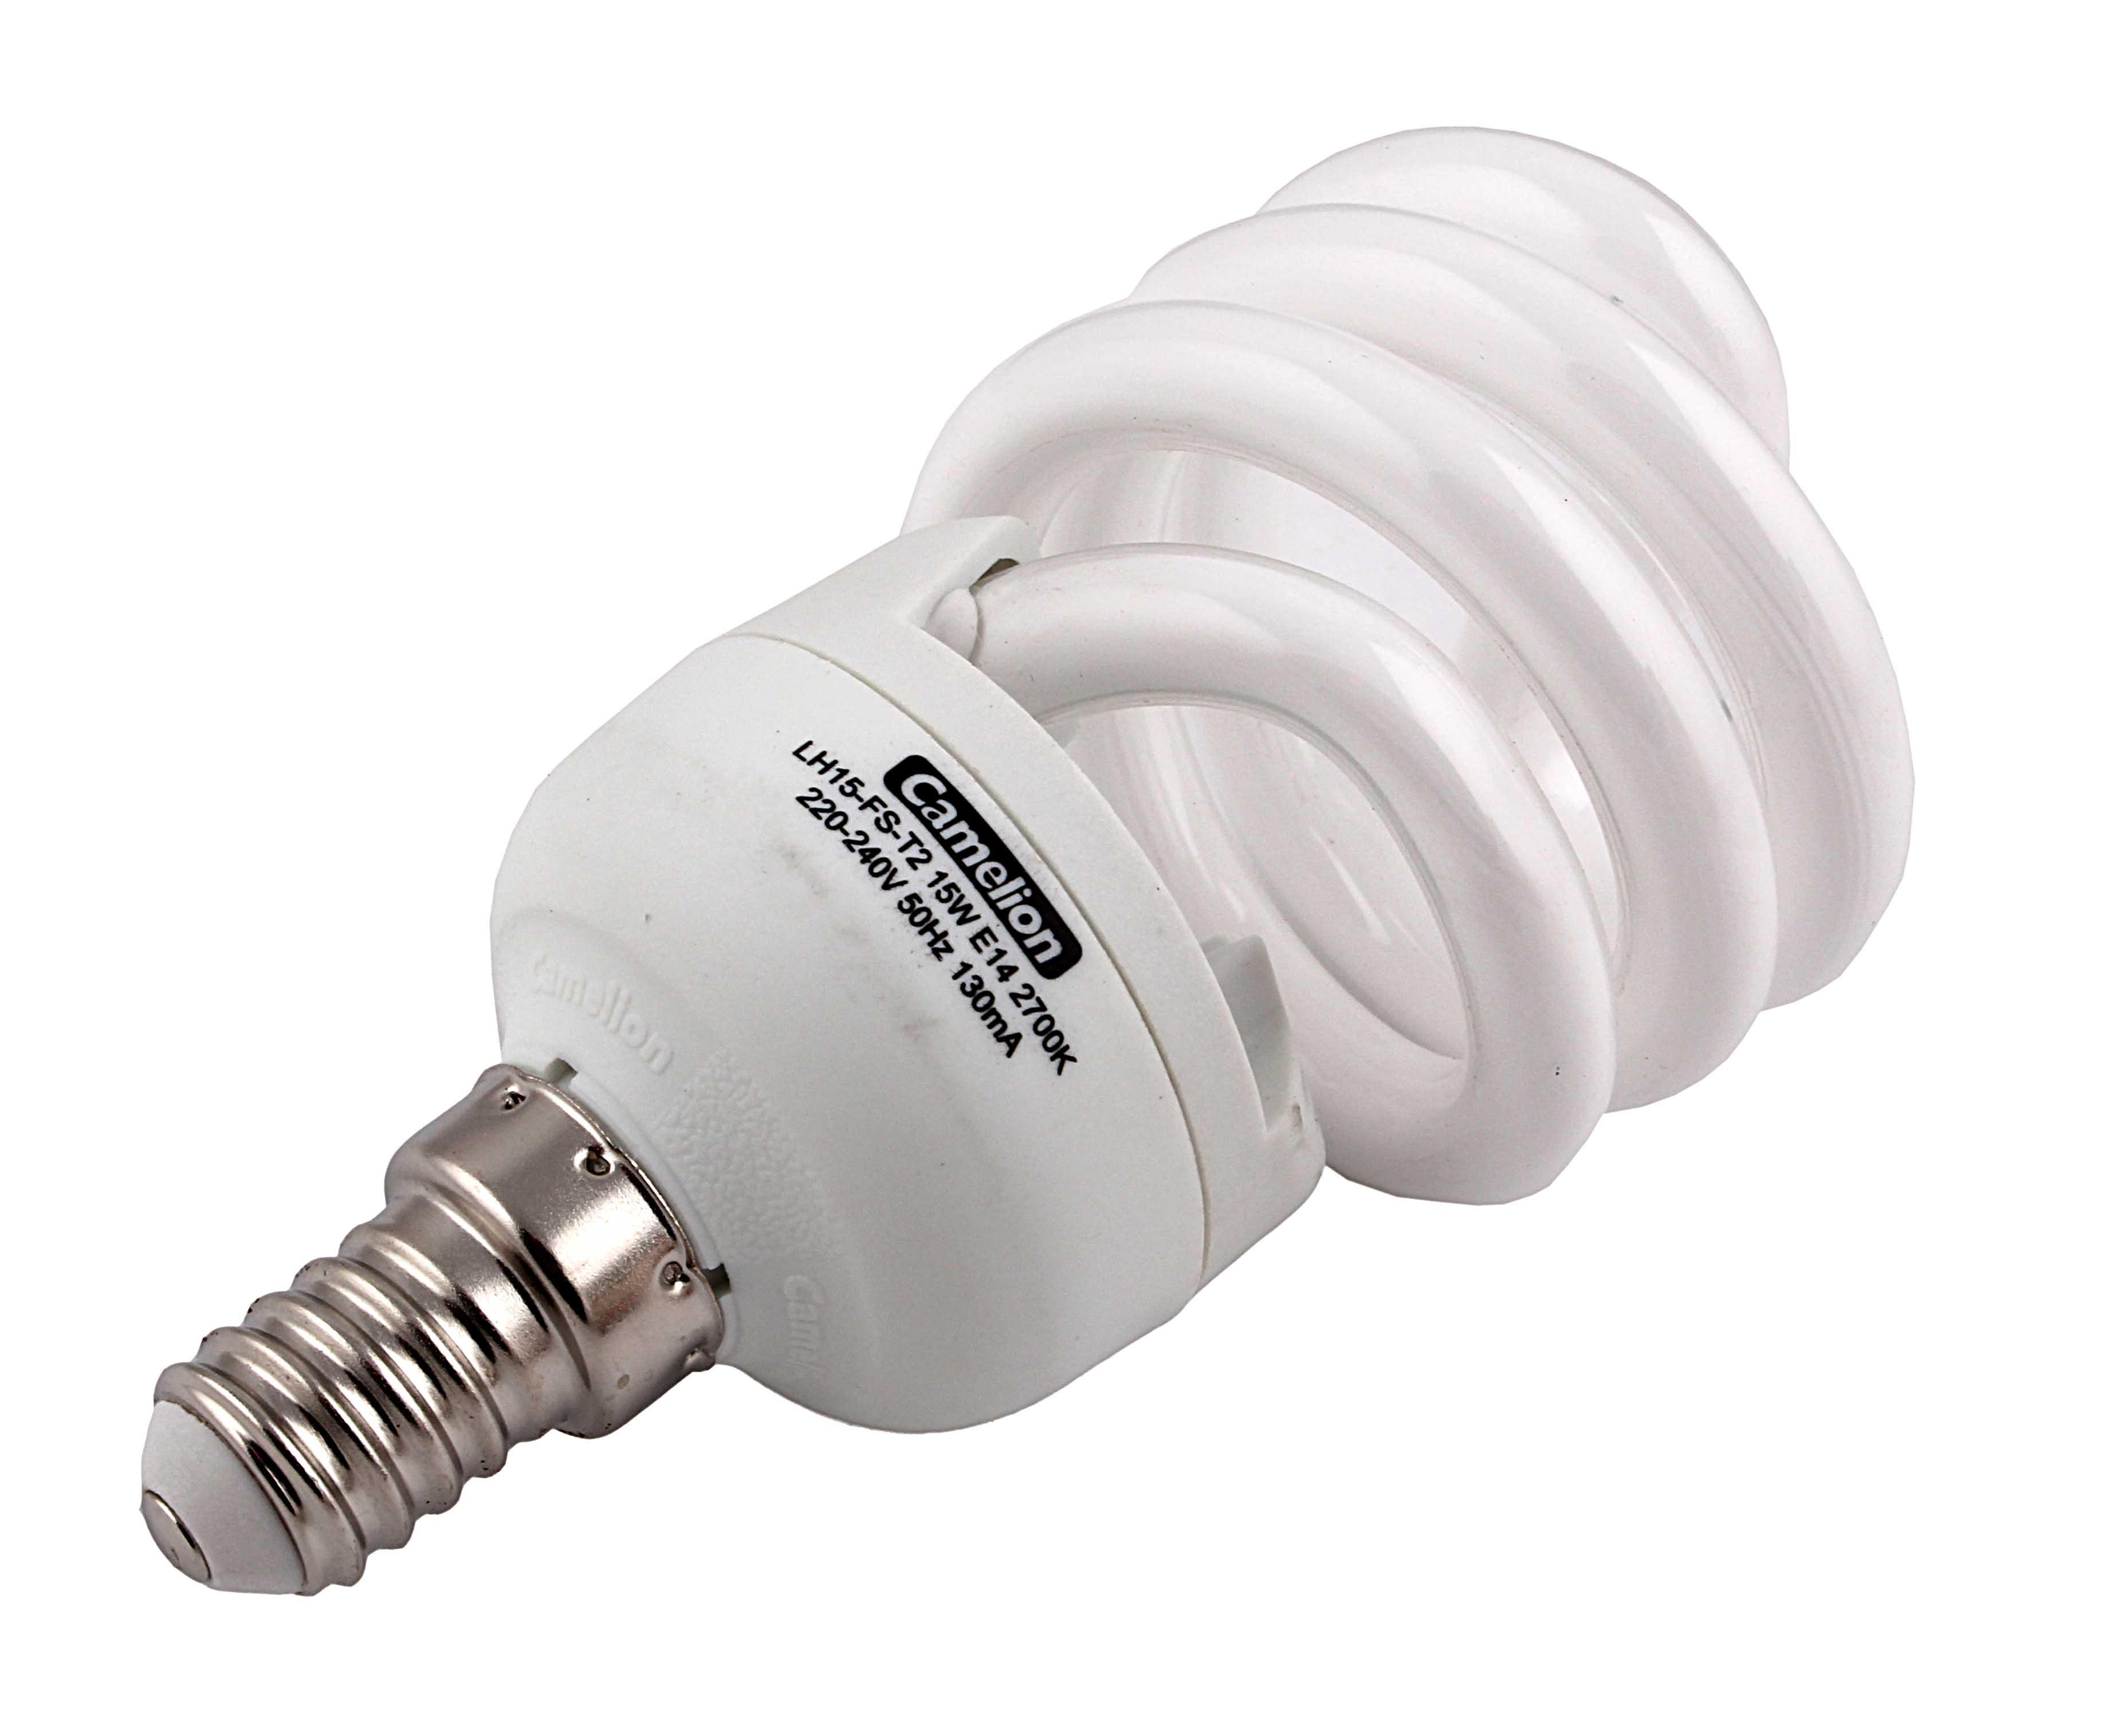 Лампочки энергосберегающие Camelion Real Brand Technics 94.000